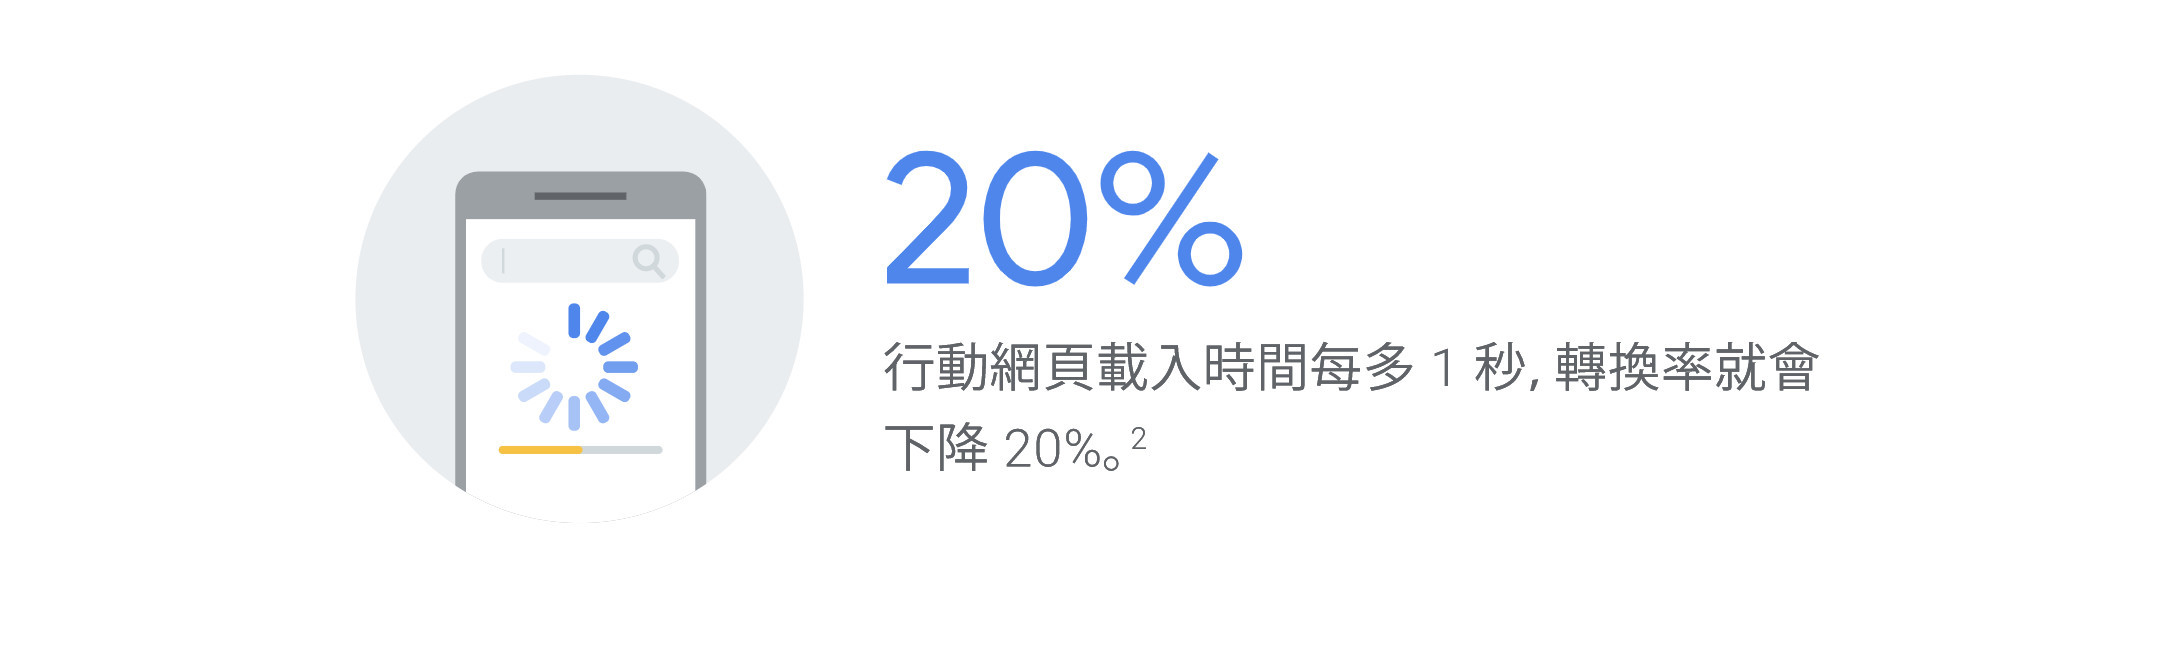 行動網頁速度每多一秒,轉換率就會下降百分之20-鯊客科技SEO網站行銷公司